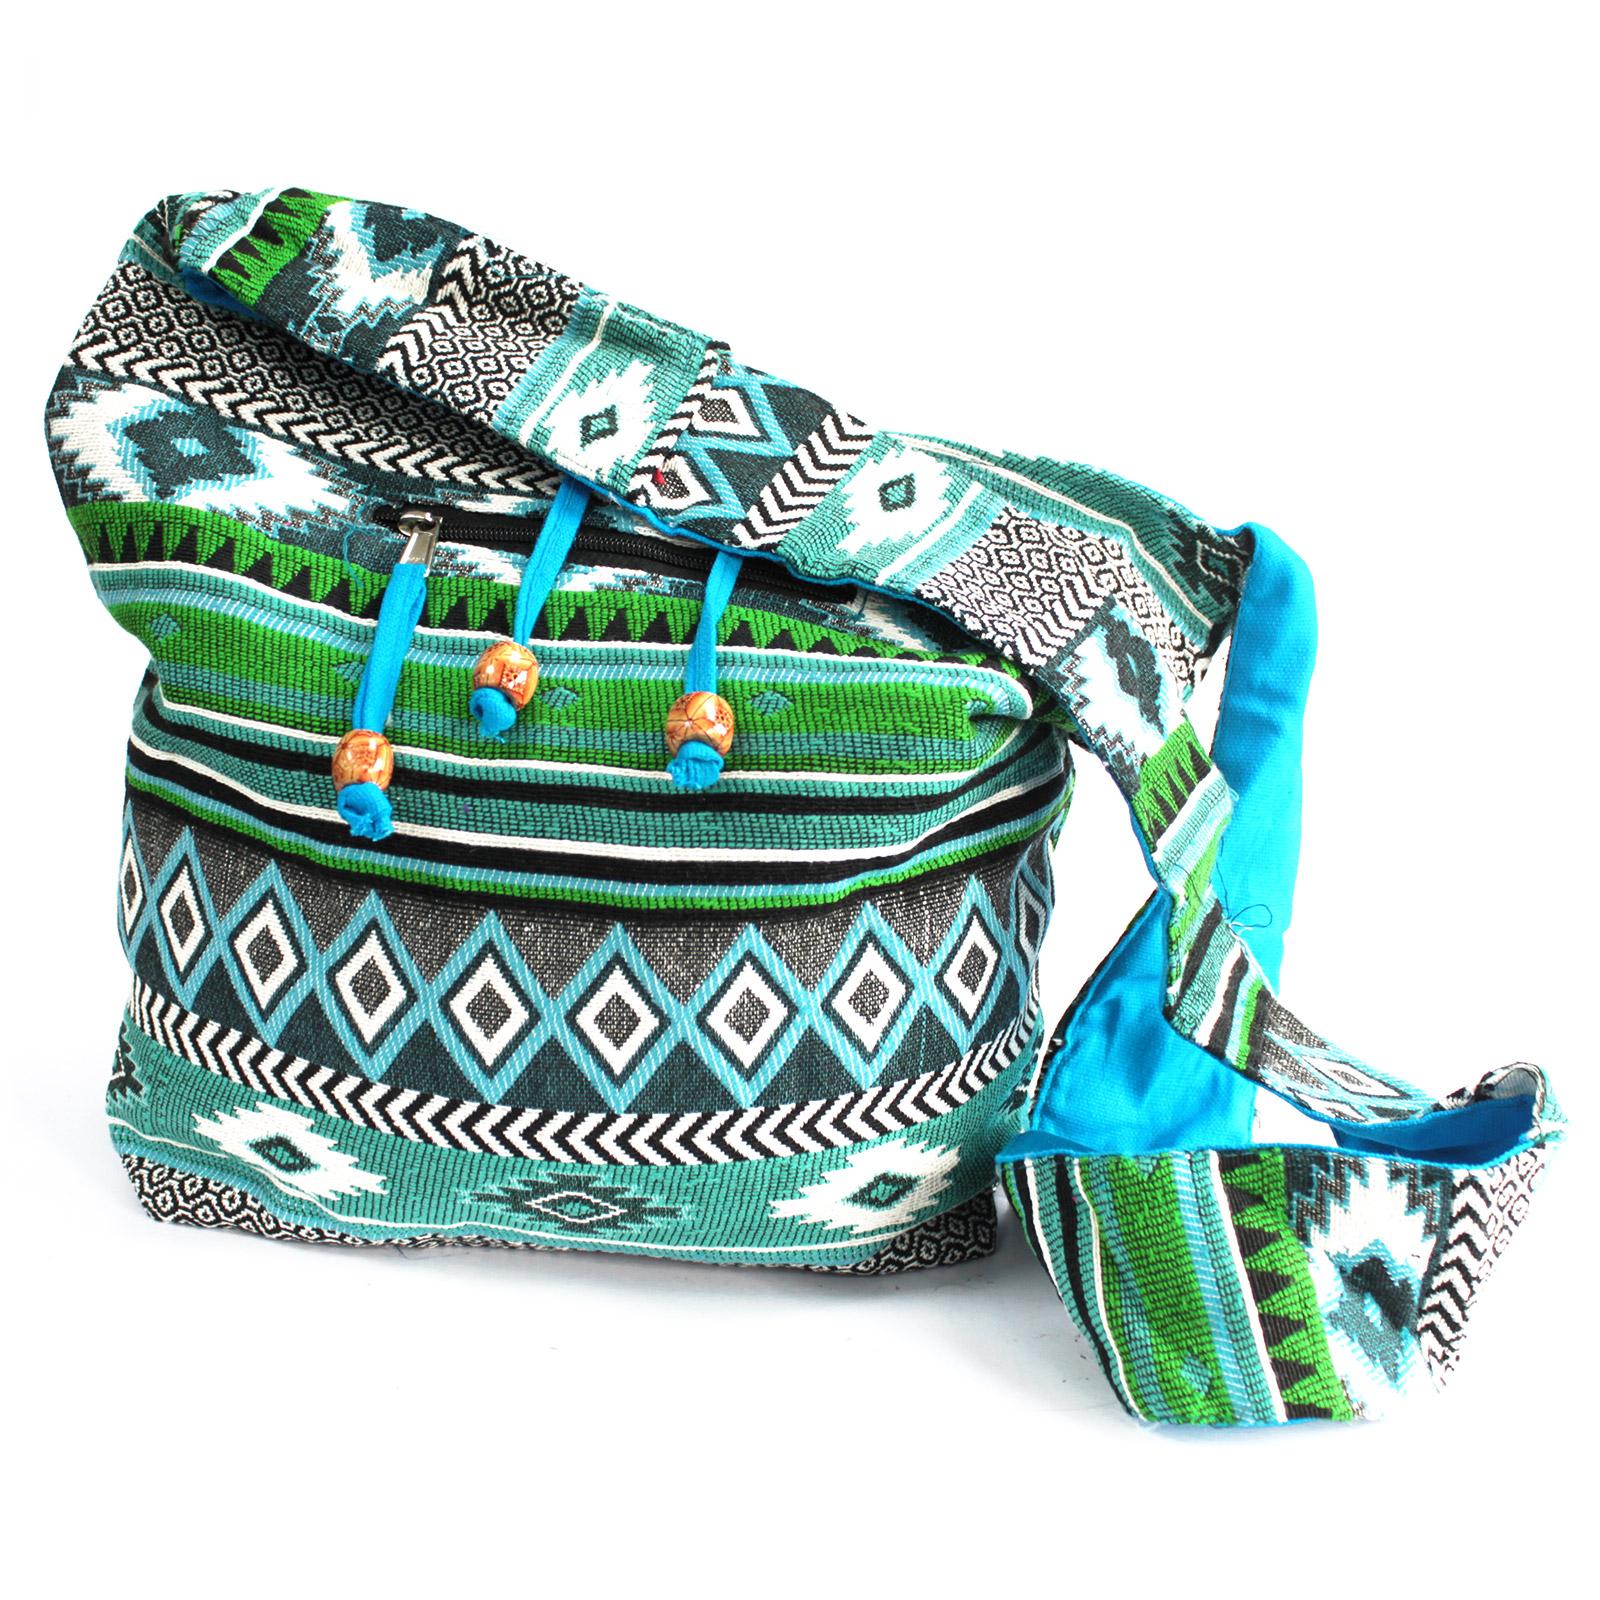 Jacquard Bag - Teal Student Bag